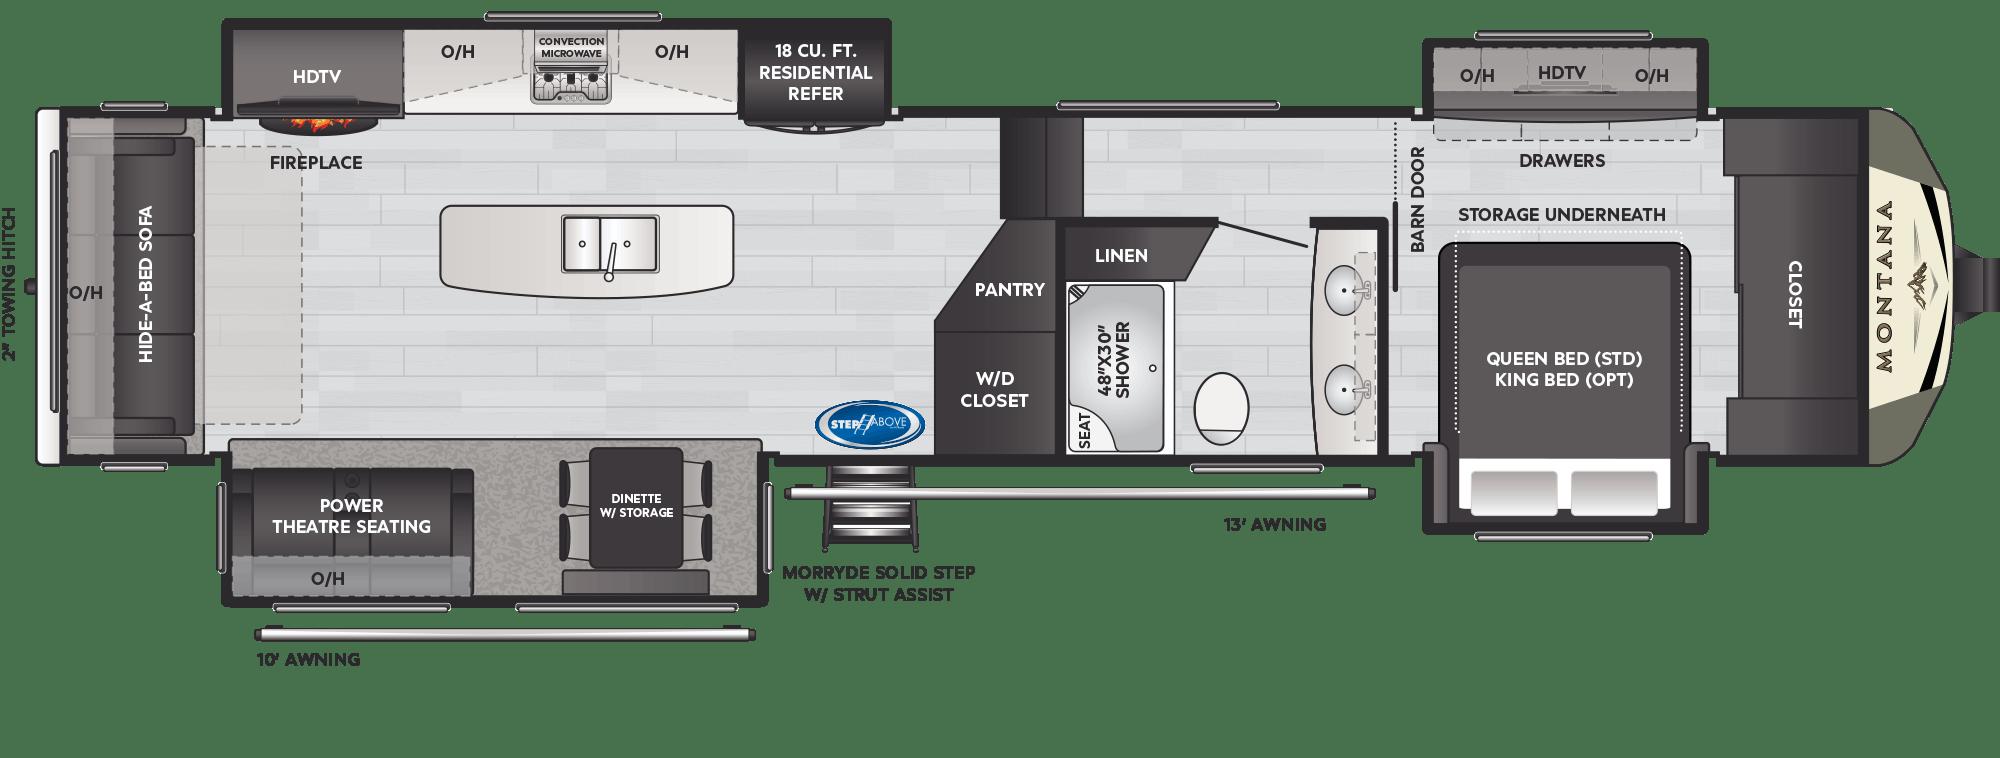 2021 Montana 3781RL floorplan drawing